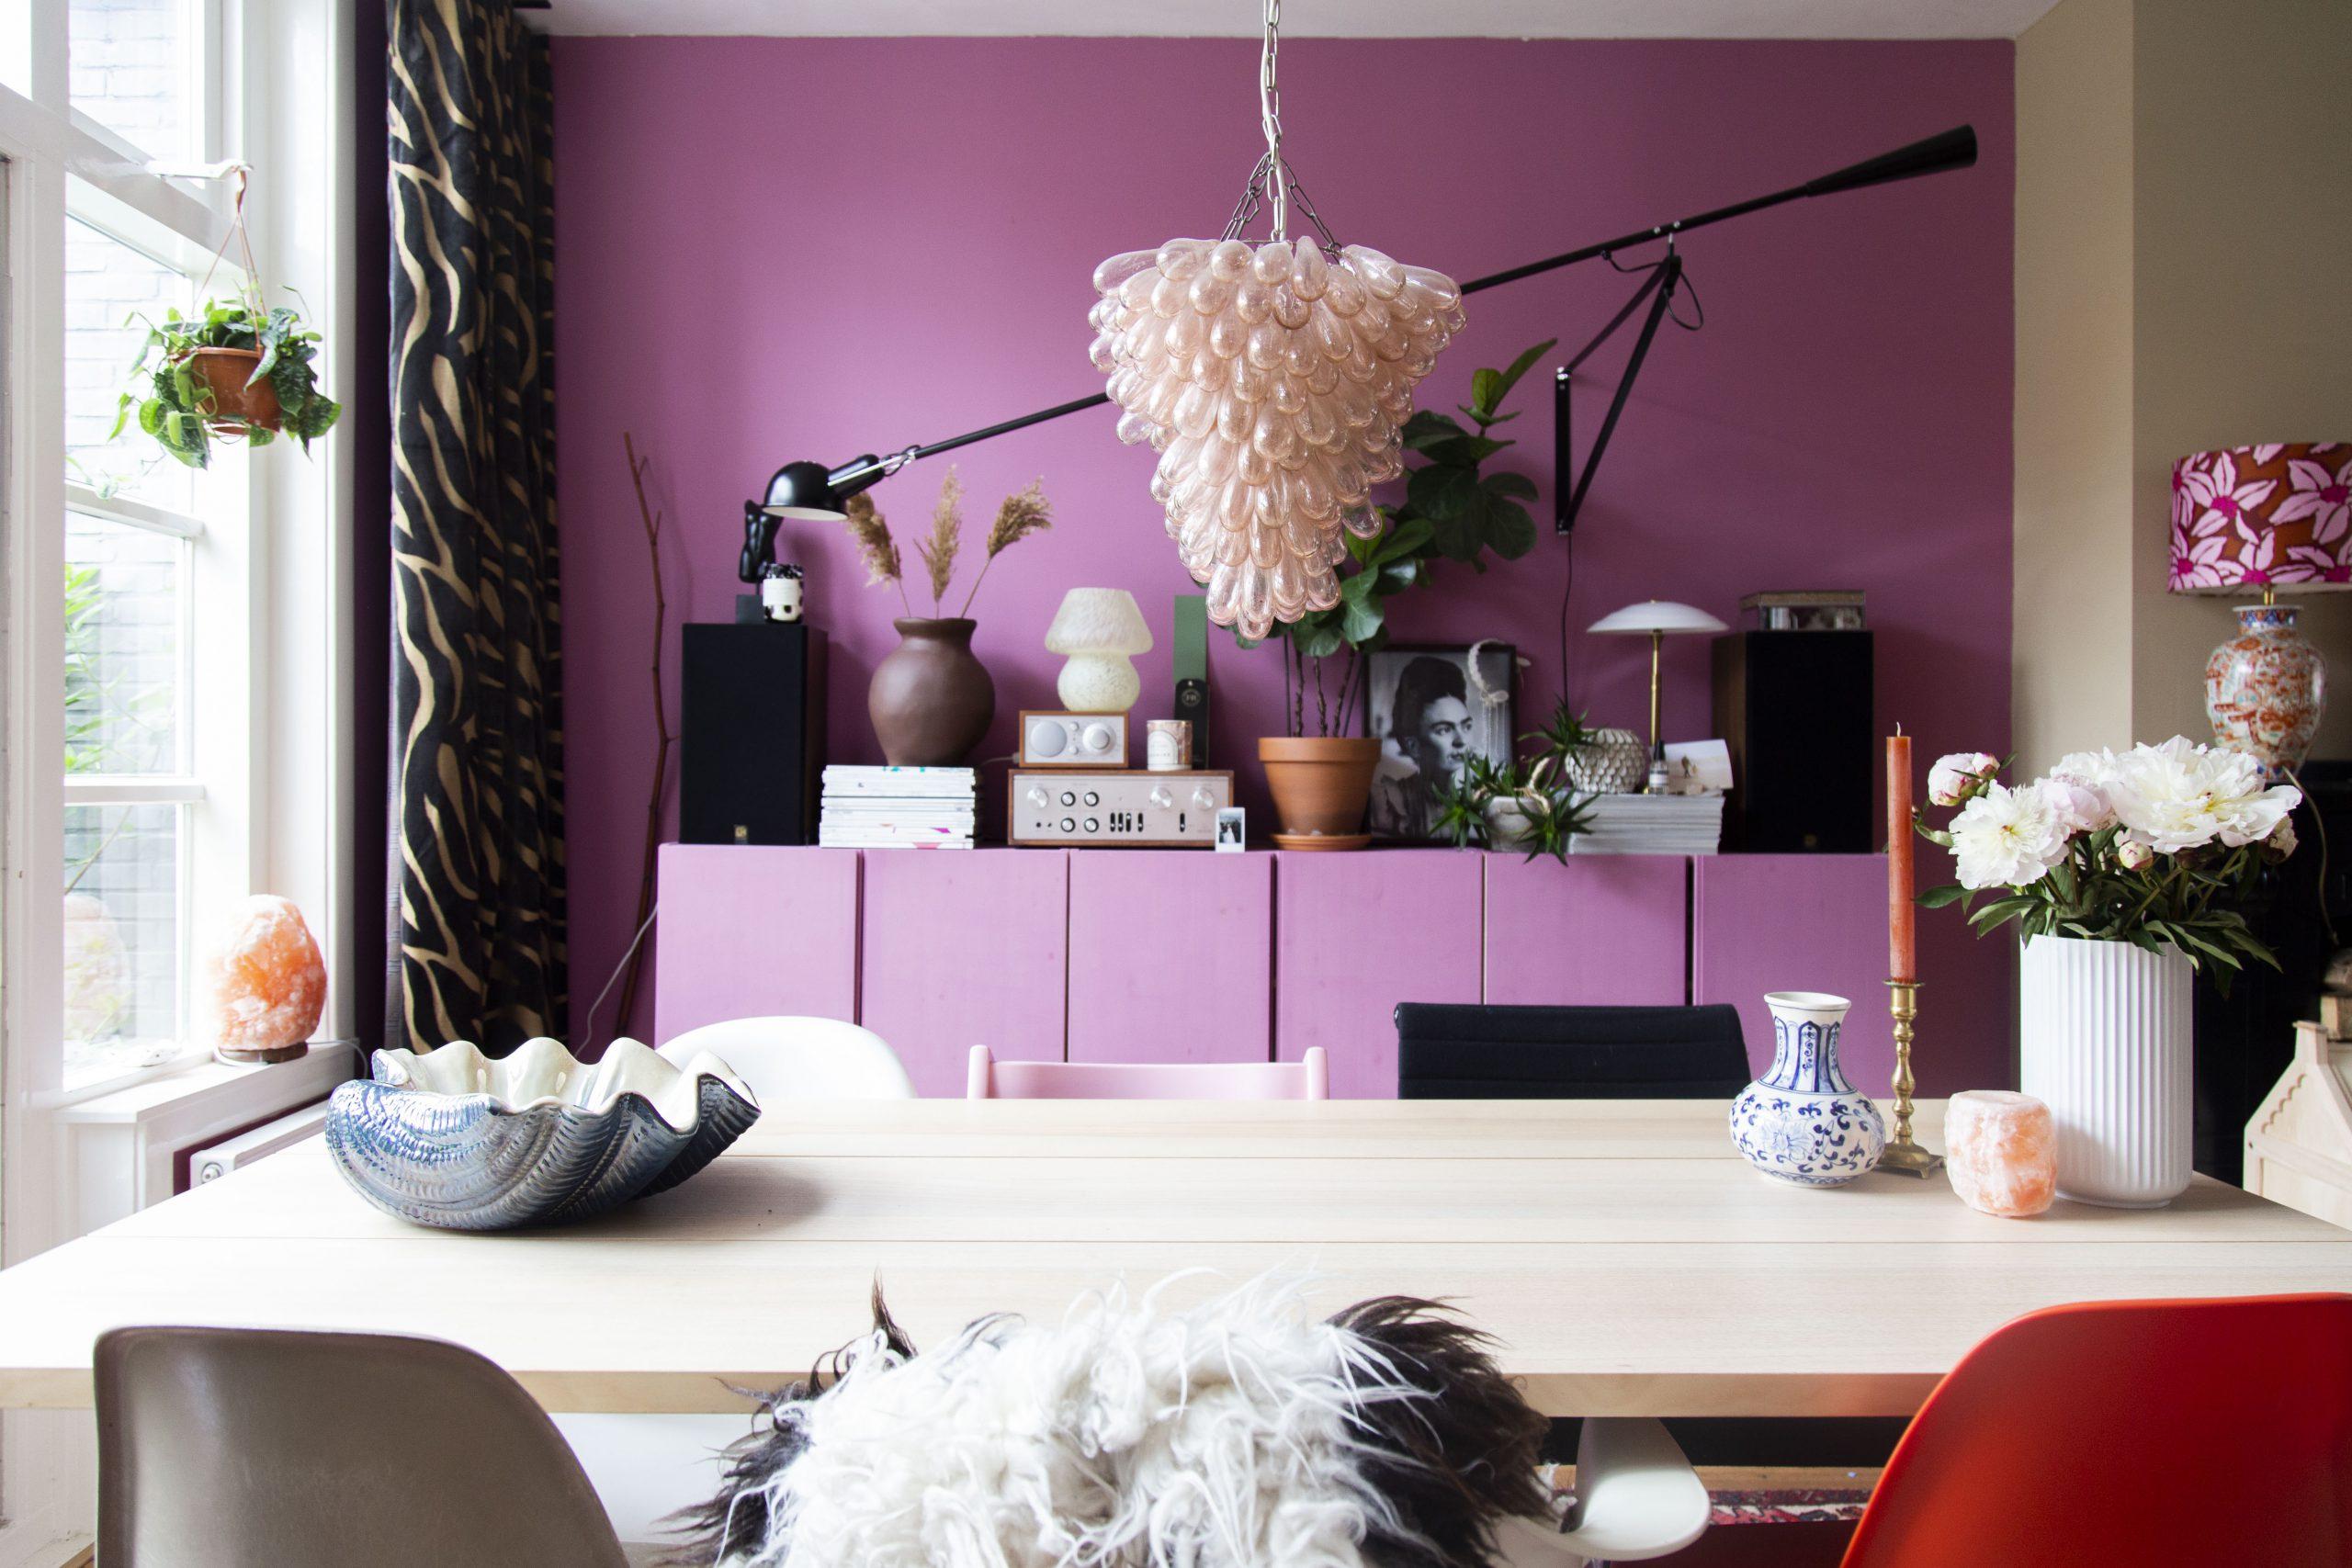 IKEA IVAR styling